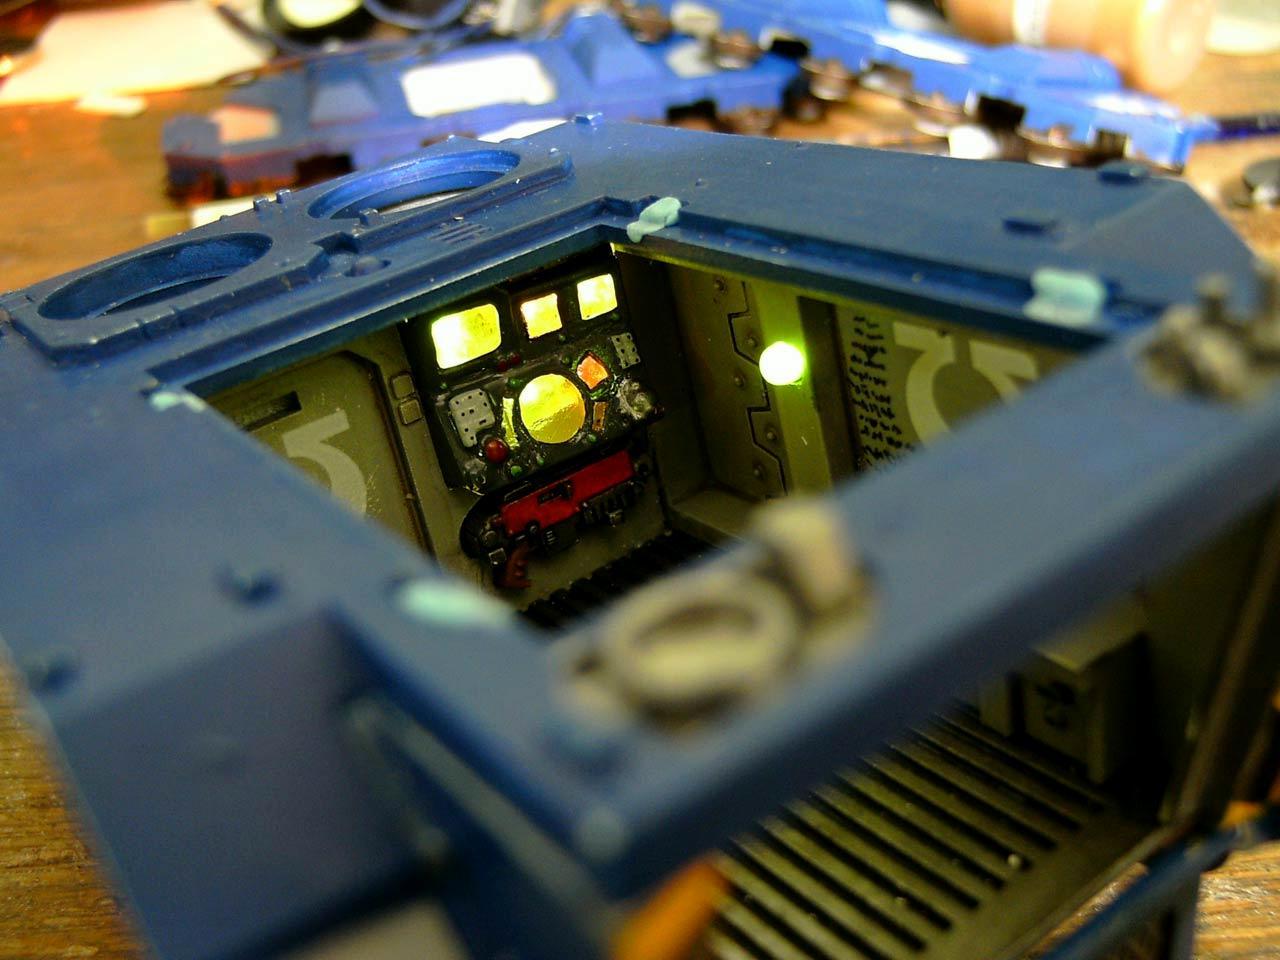 LED, Lighting, Rhino, Space Marines, Ultramarines, Warhammer